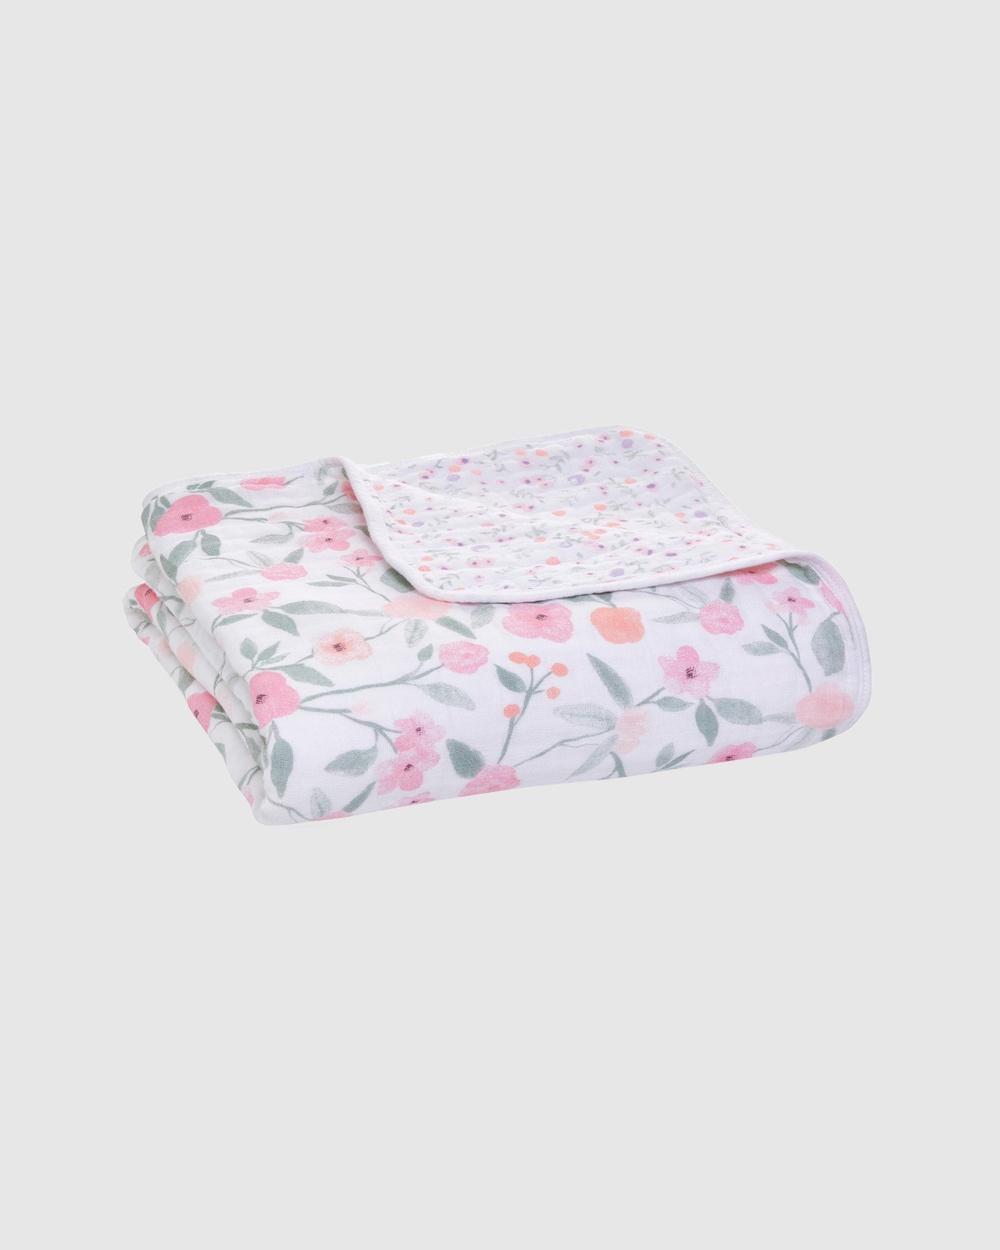 Aden & Anais Classic Dream Blanket Blankets Mon Fleur Garden Party